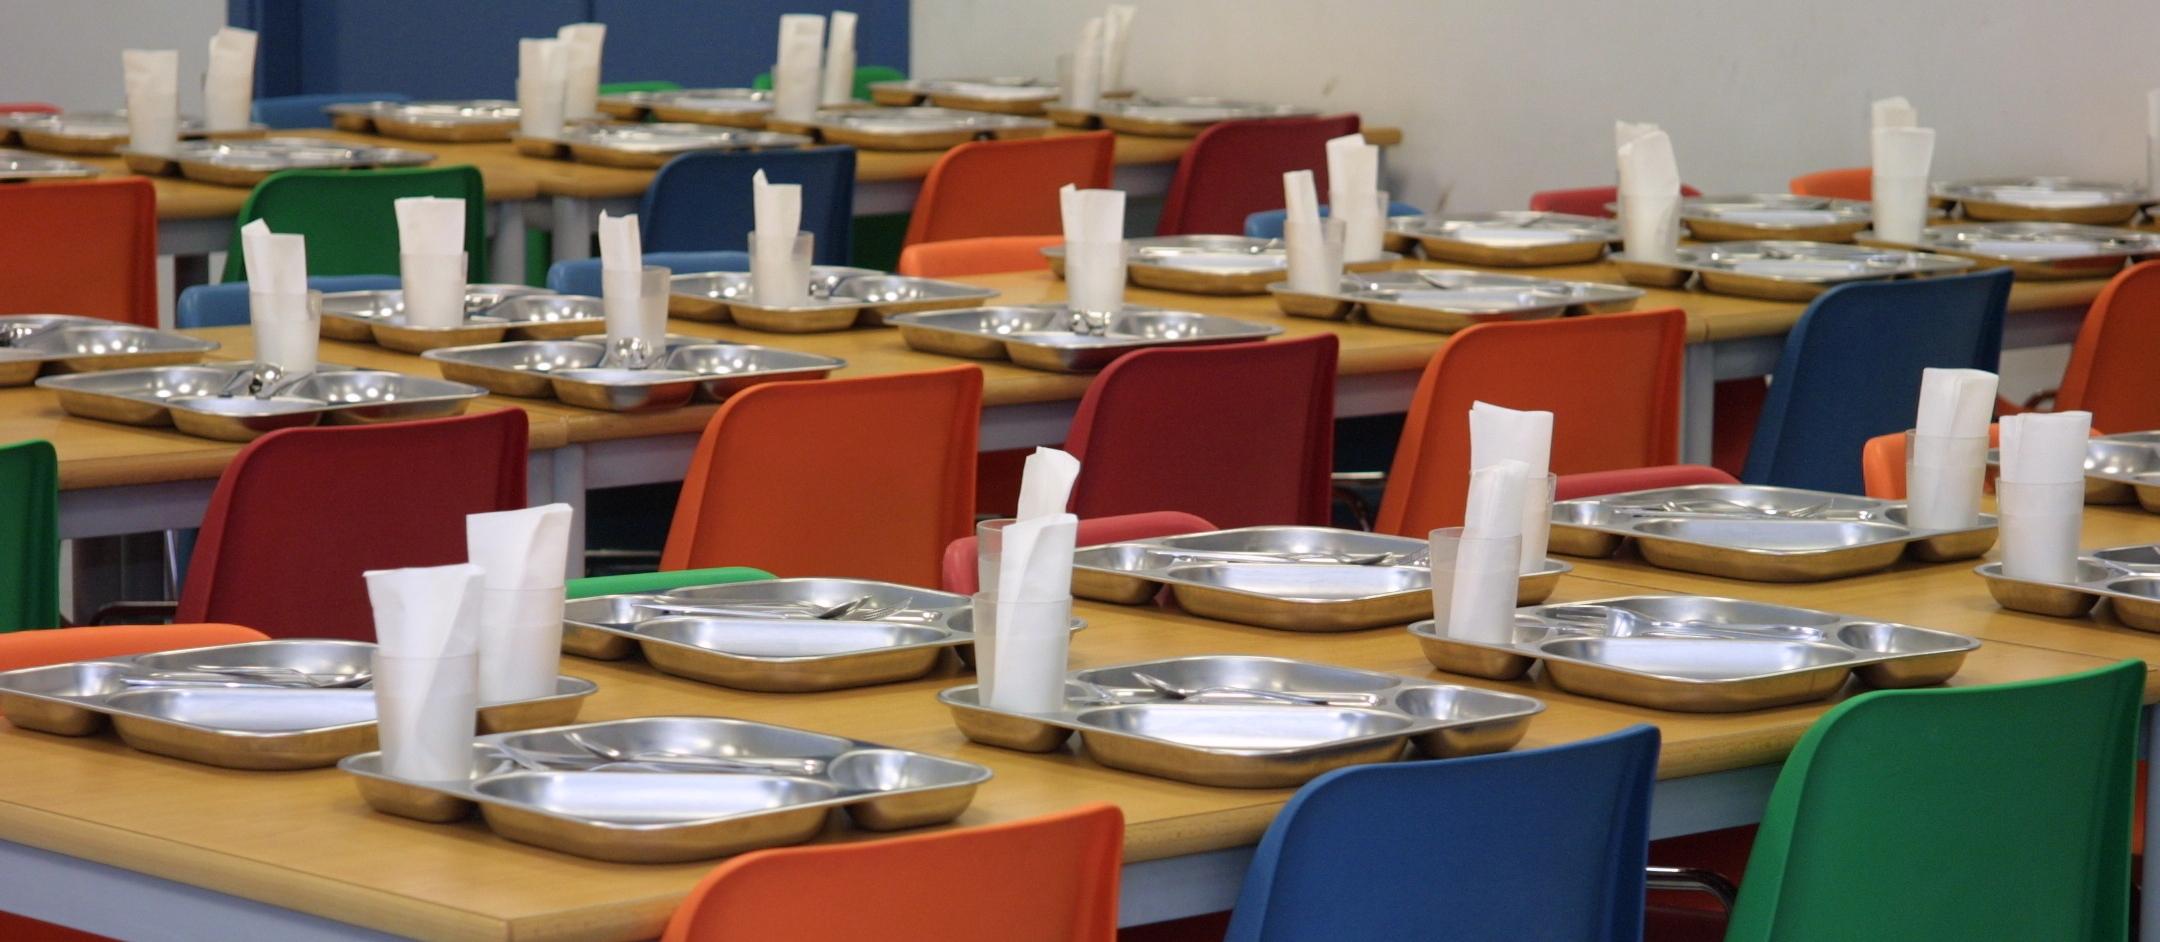 Menú vegetariano en las escuelas